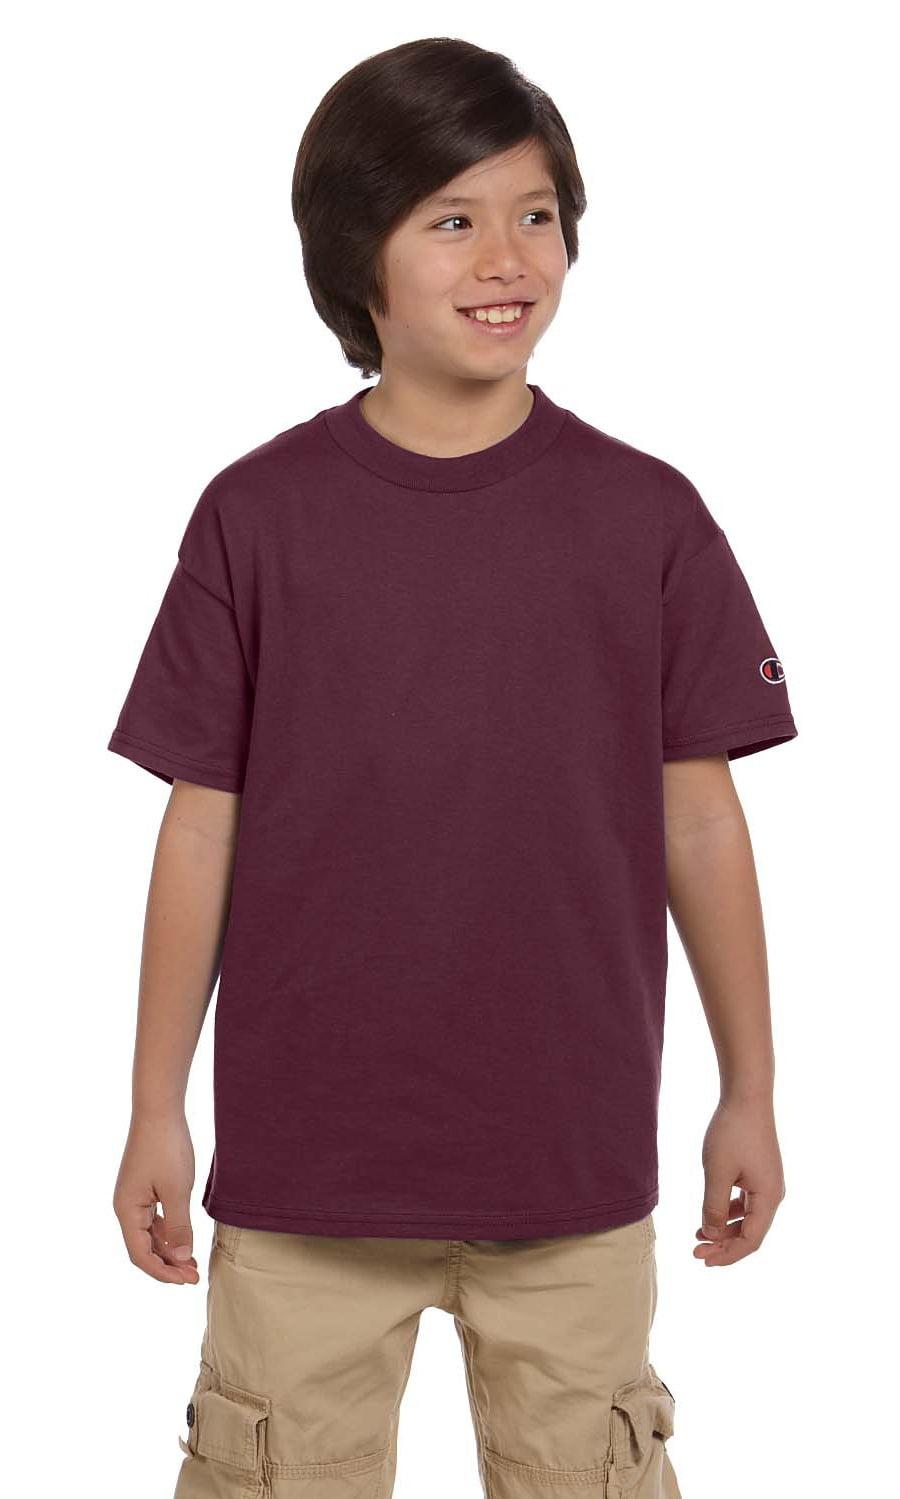 1355130a Champion - Champion Tshirt T435 Youth 6.1 oz. Tagless - Walmart.com